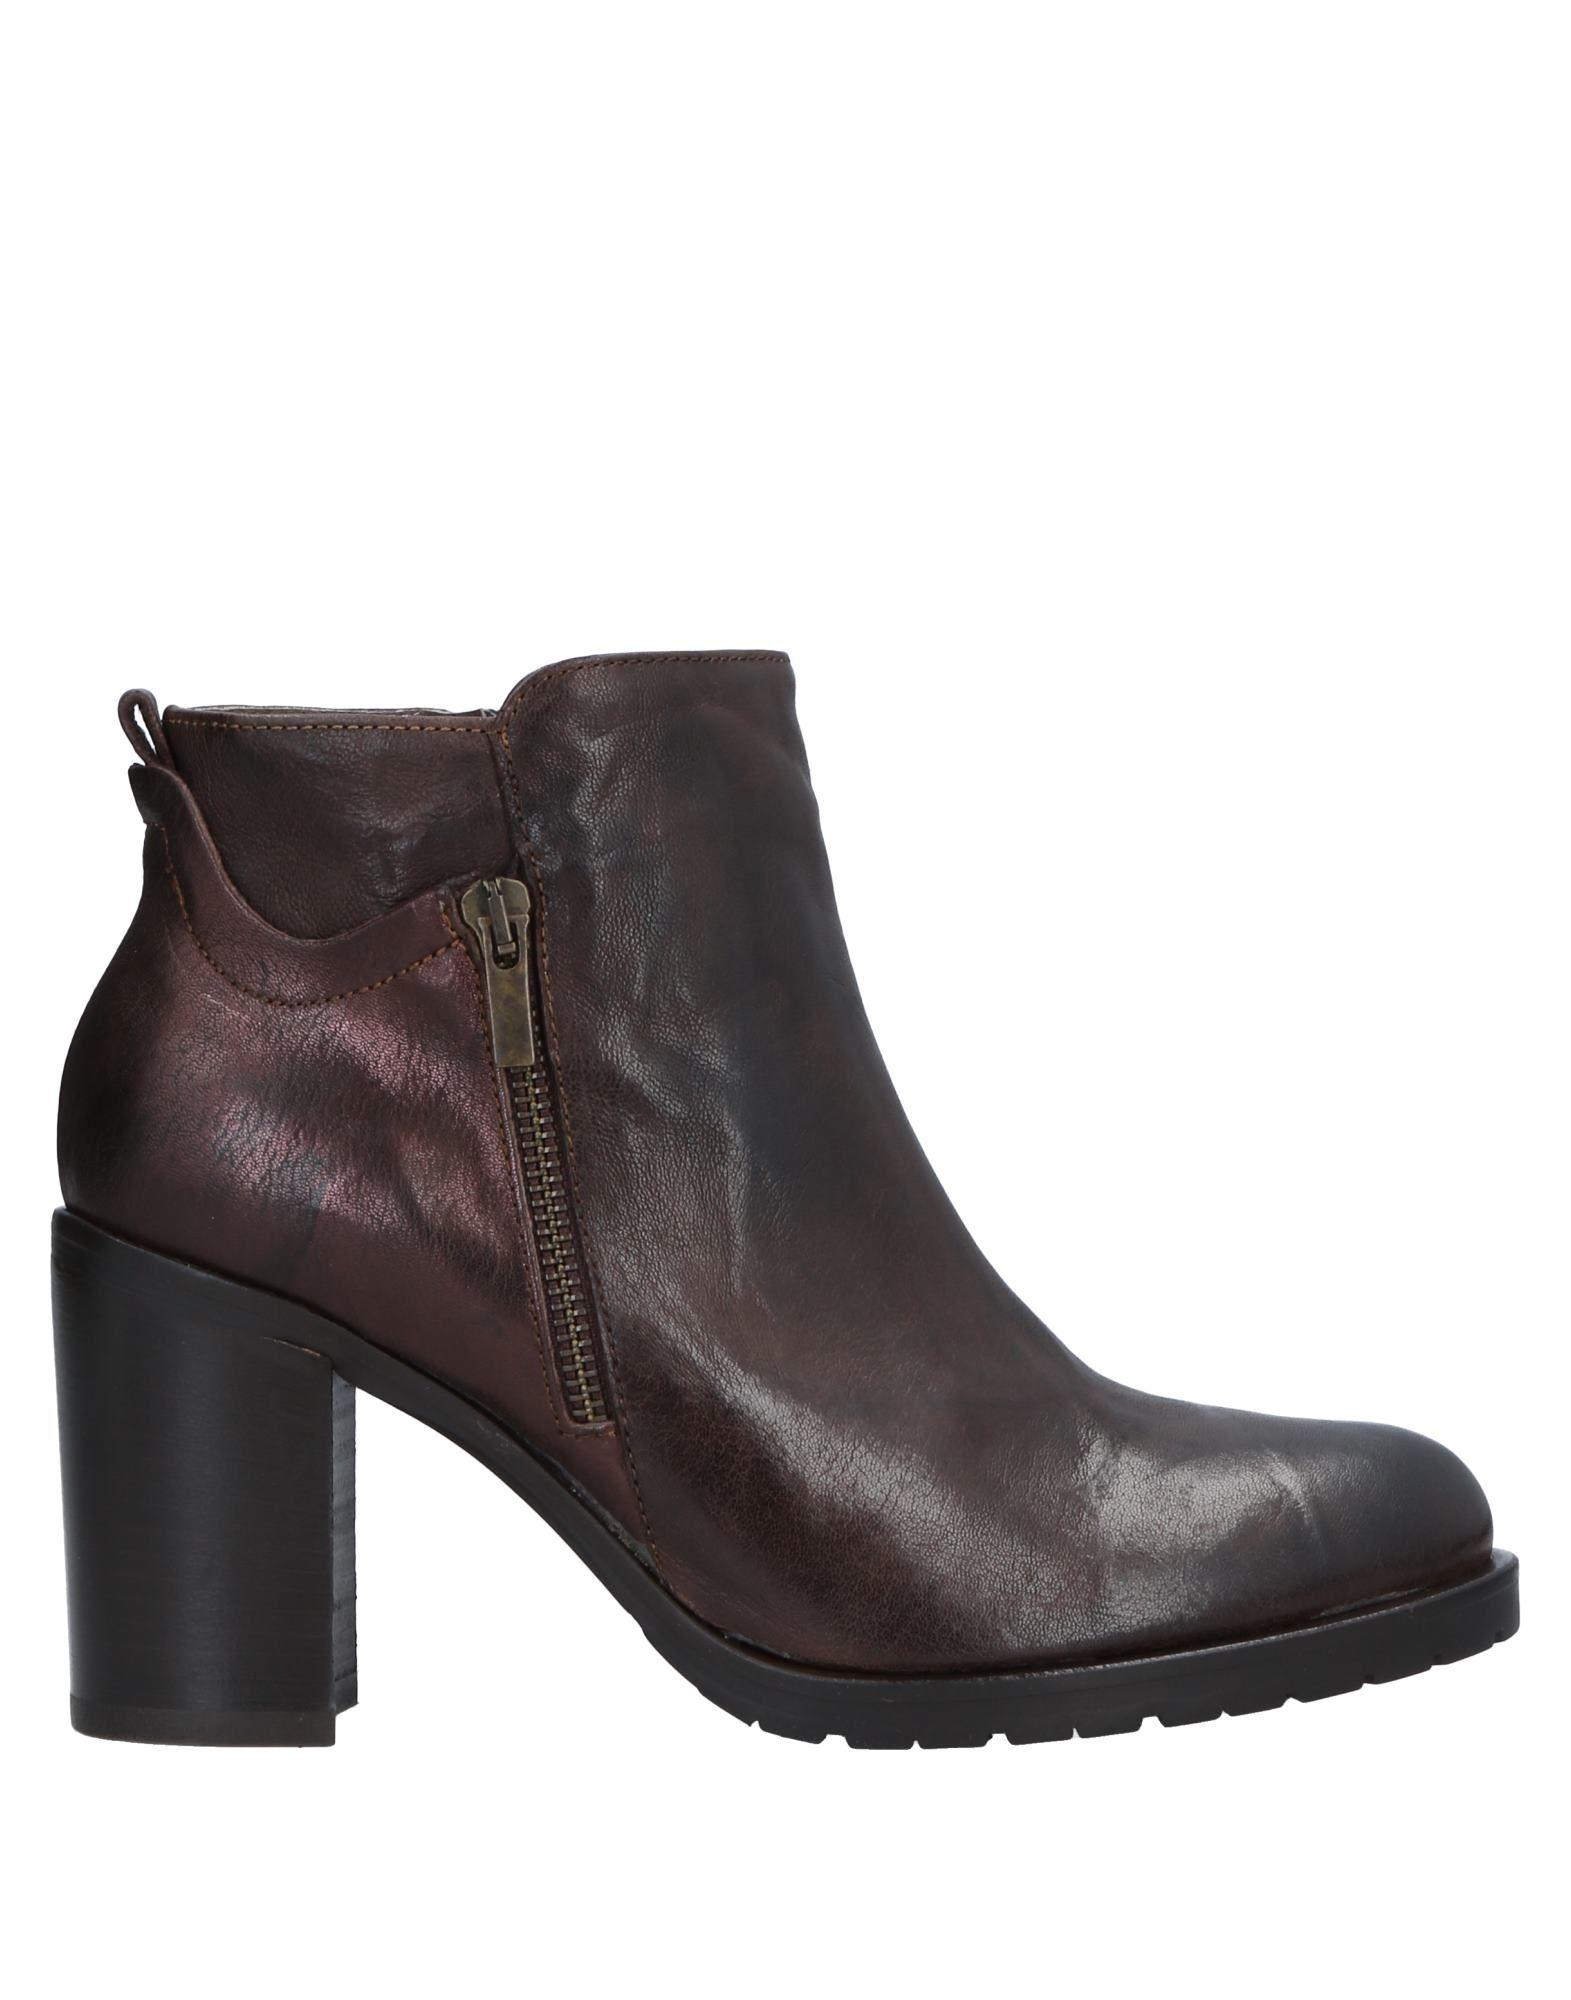 Donna Più Donna Ankle Boot - Women Donna Più Più Ankle Boots online on  Australia - 11527056VK 66c1ed